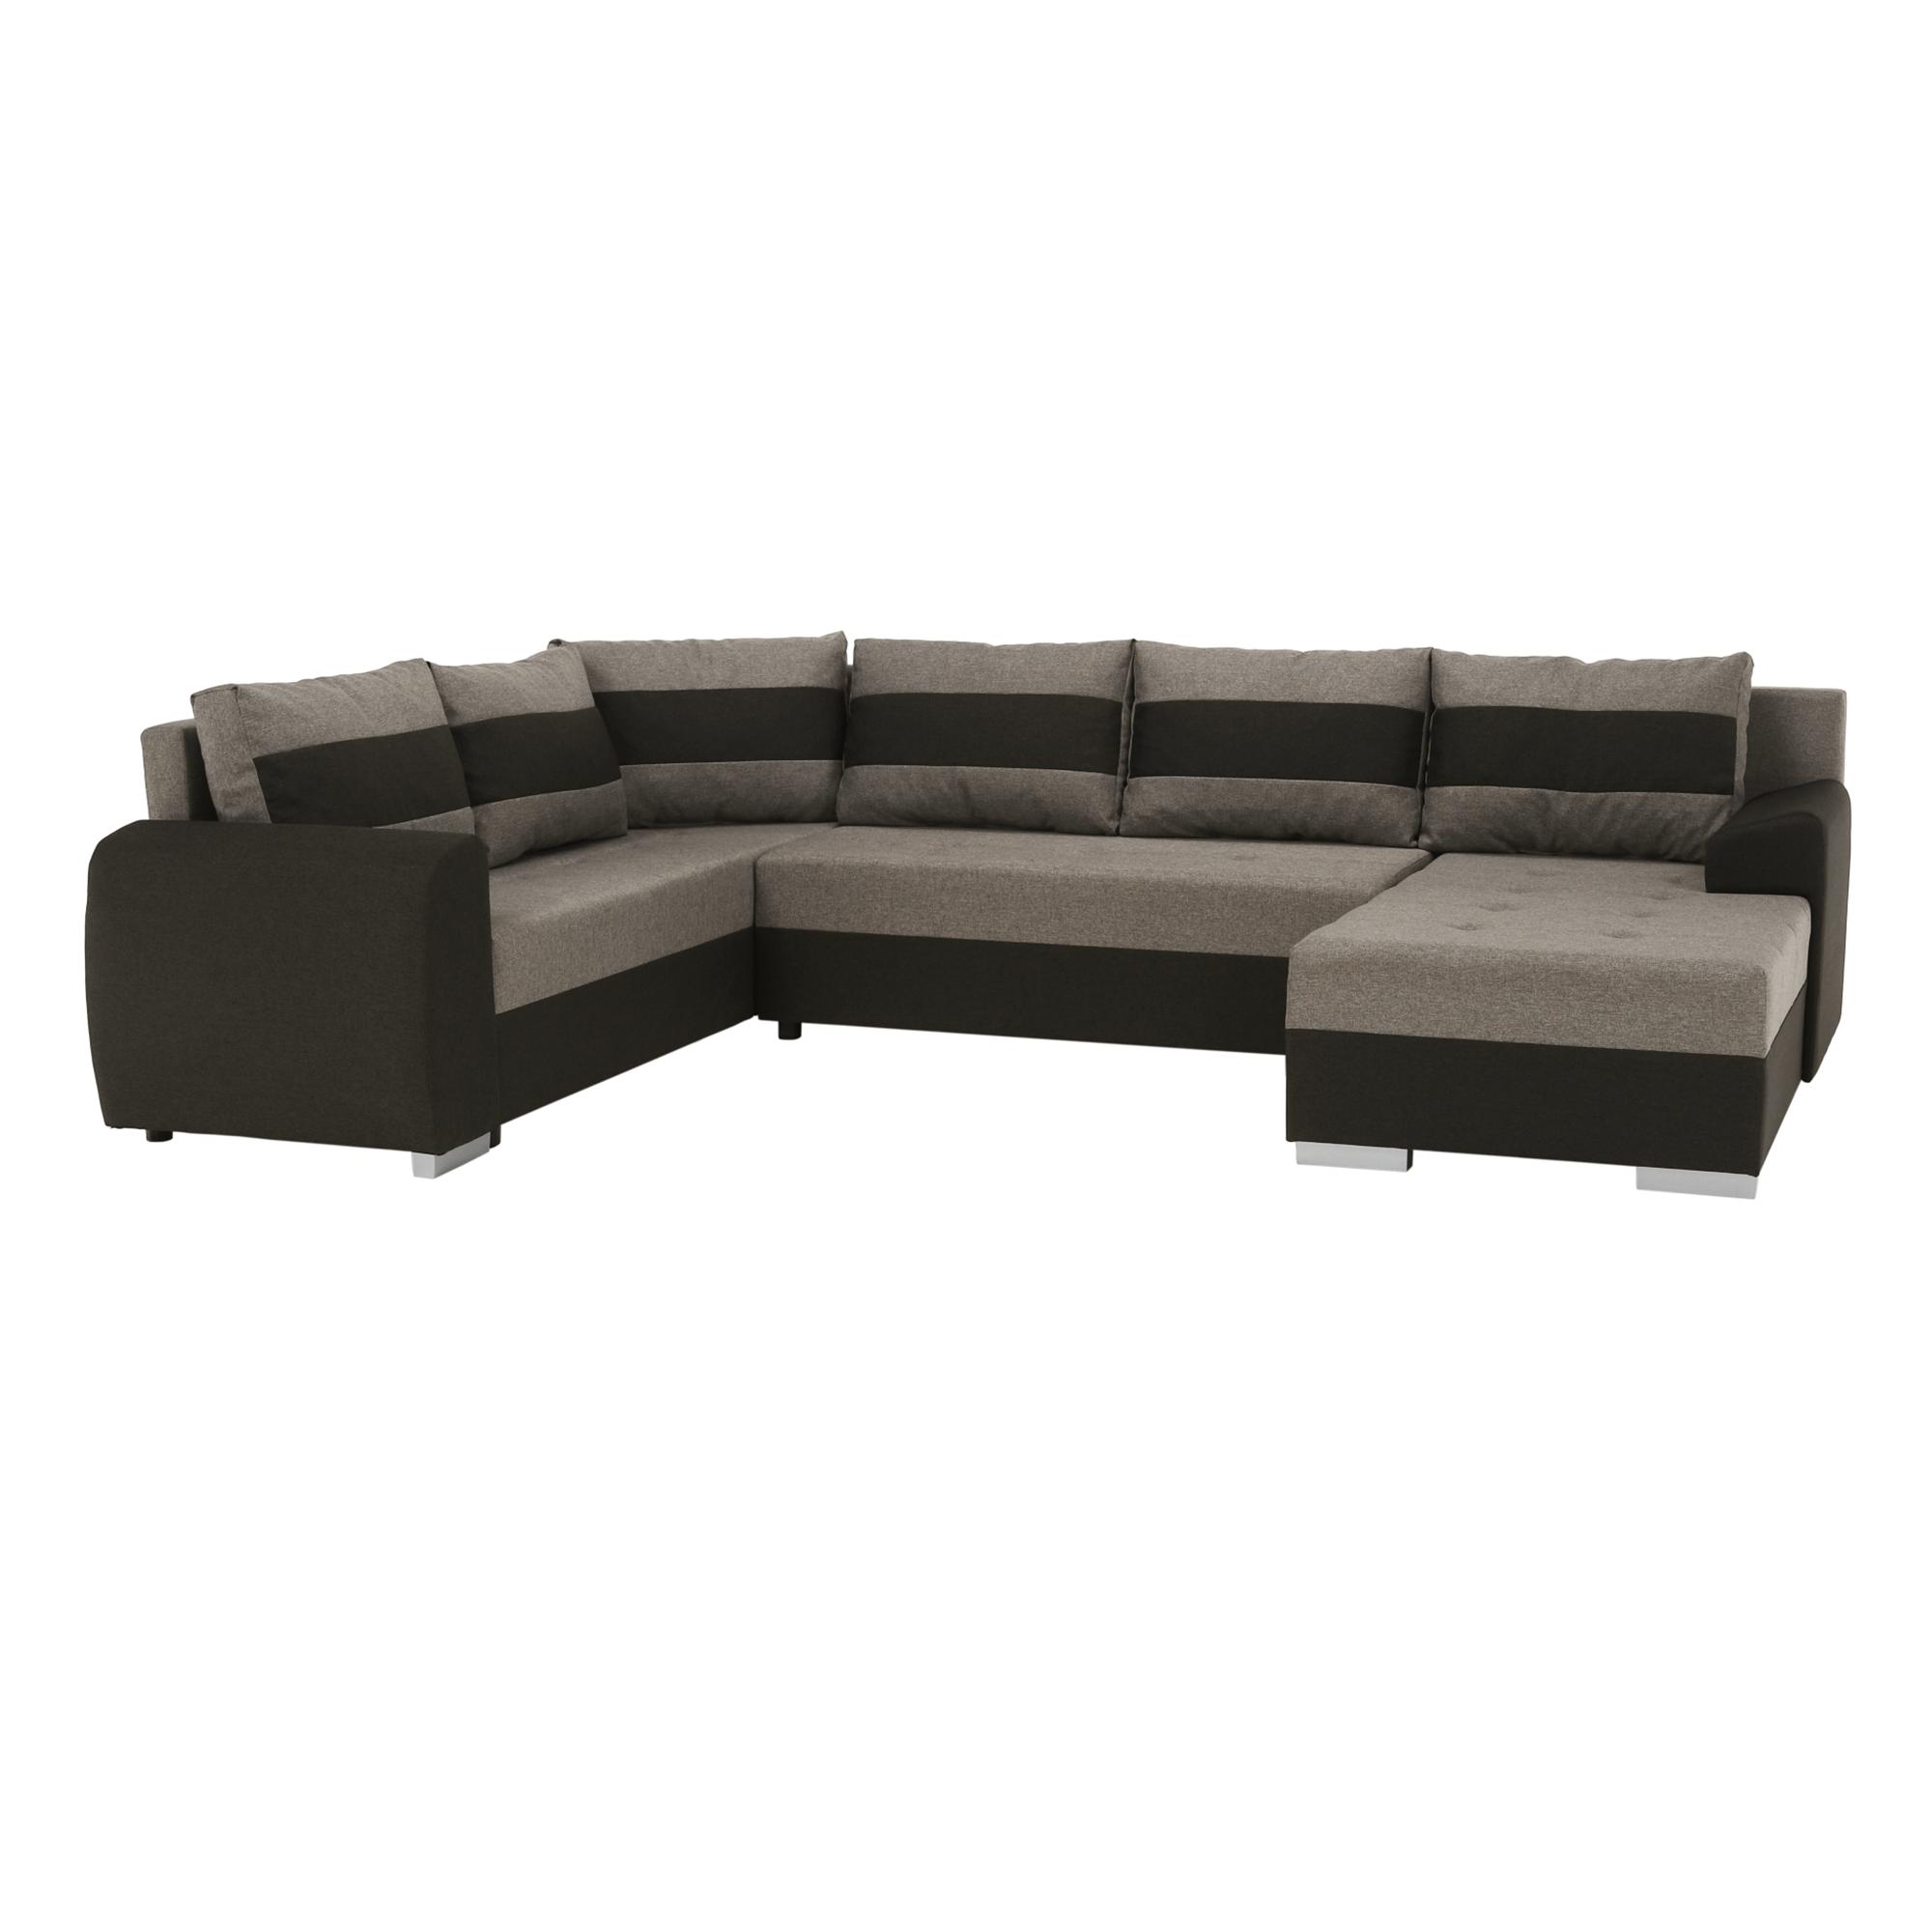 Univerzális ülőgarnitúra, barnásszürke/fekete, BONN